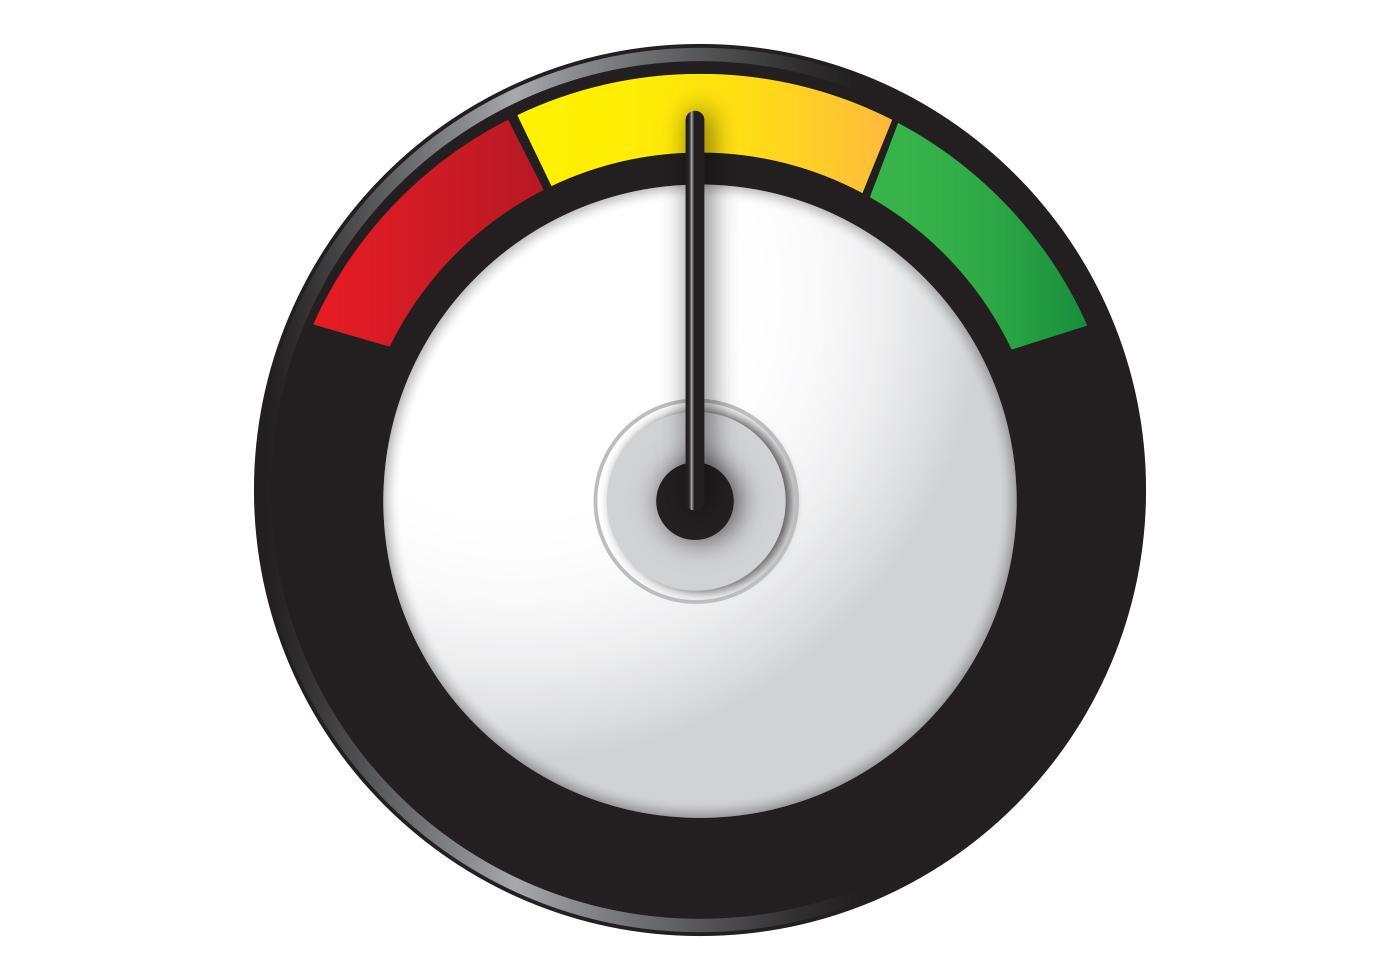 Meter Clip Art : Meter vector download free art stock graphics